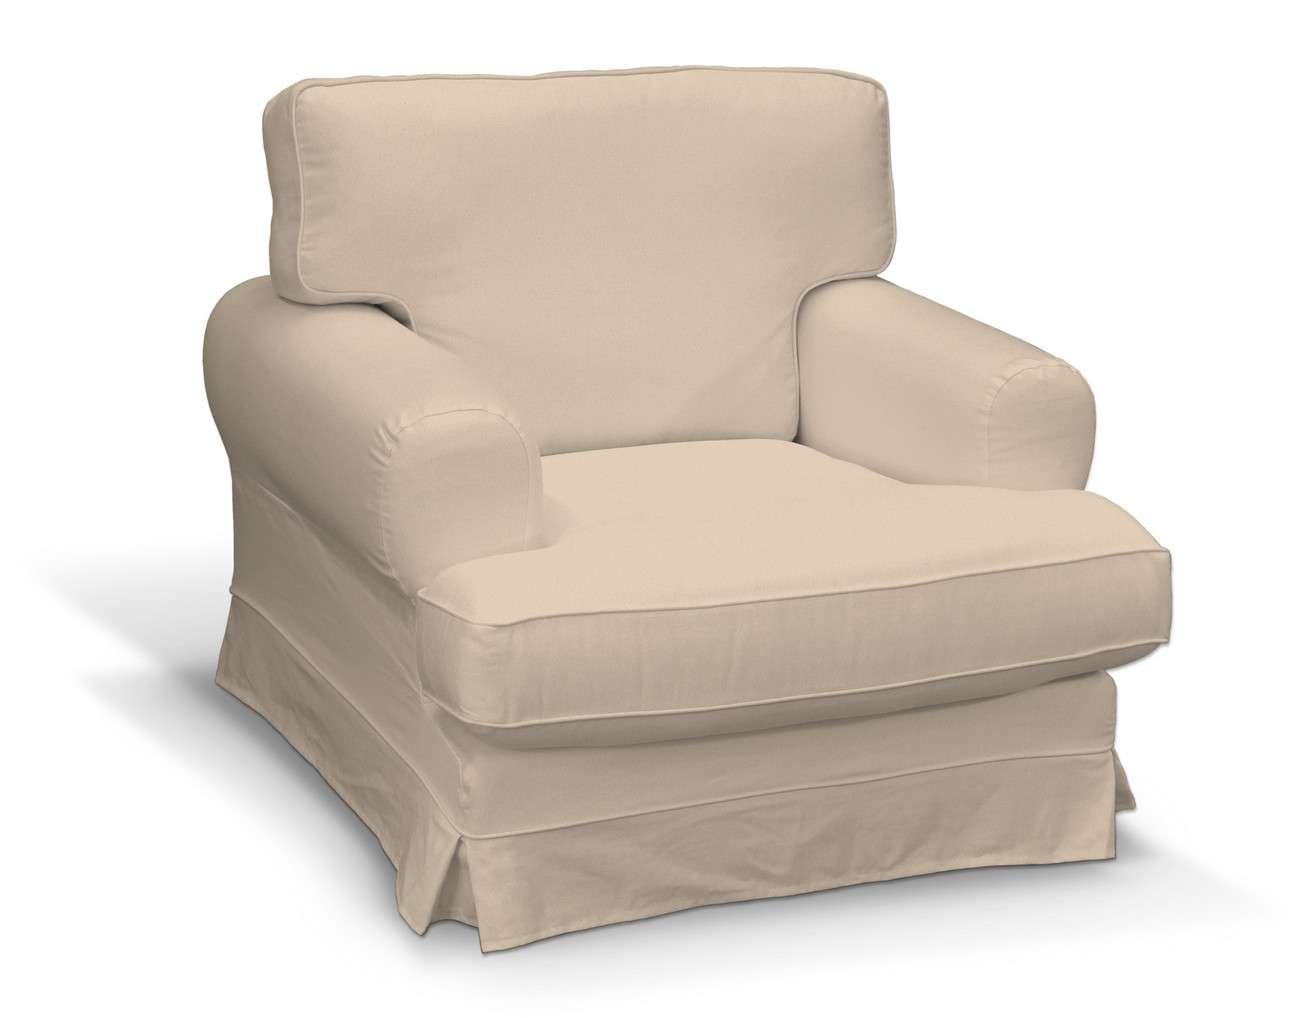 Pokrowiec na fotel Ekeskog w kolekcji Living, tkanina: 160-61